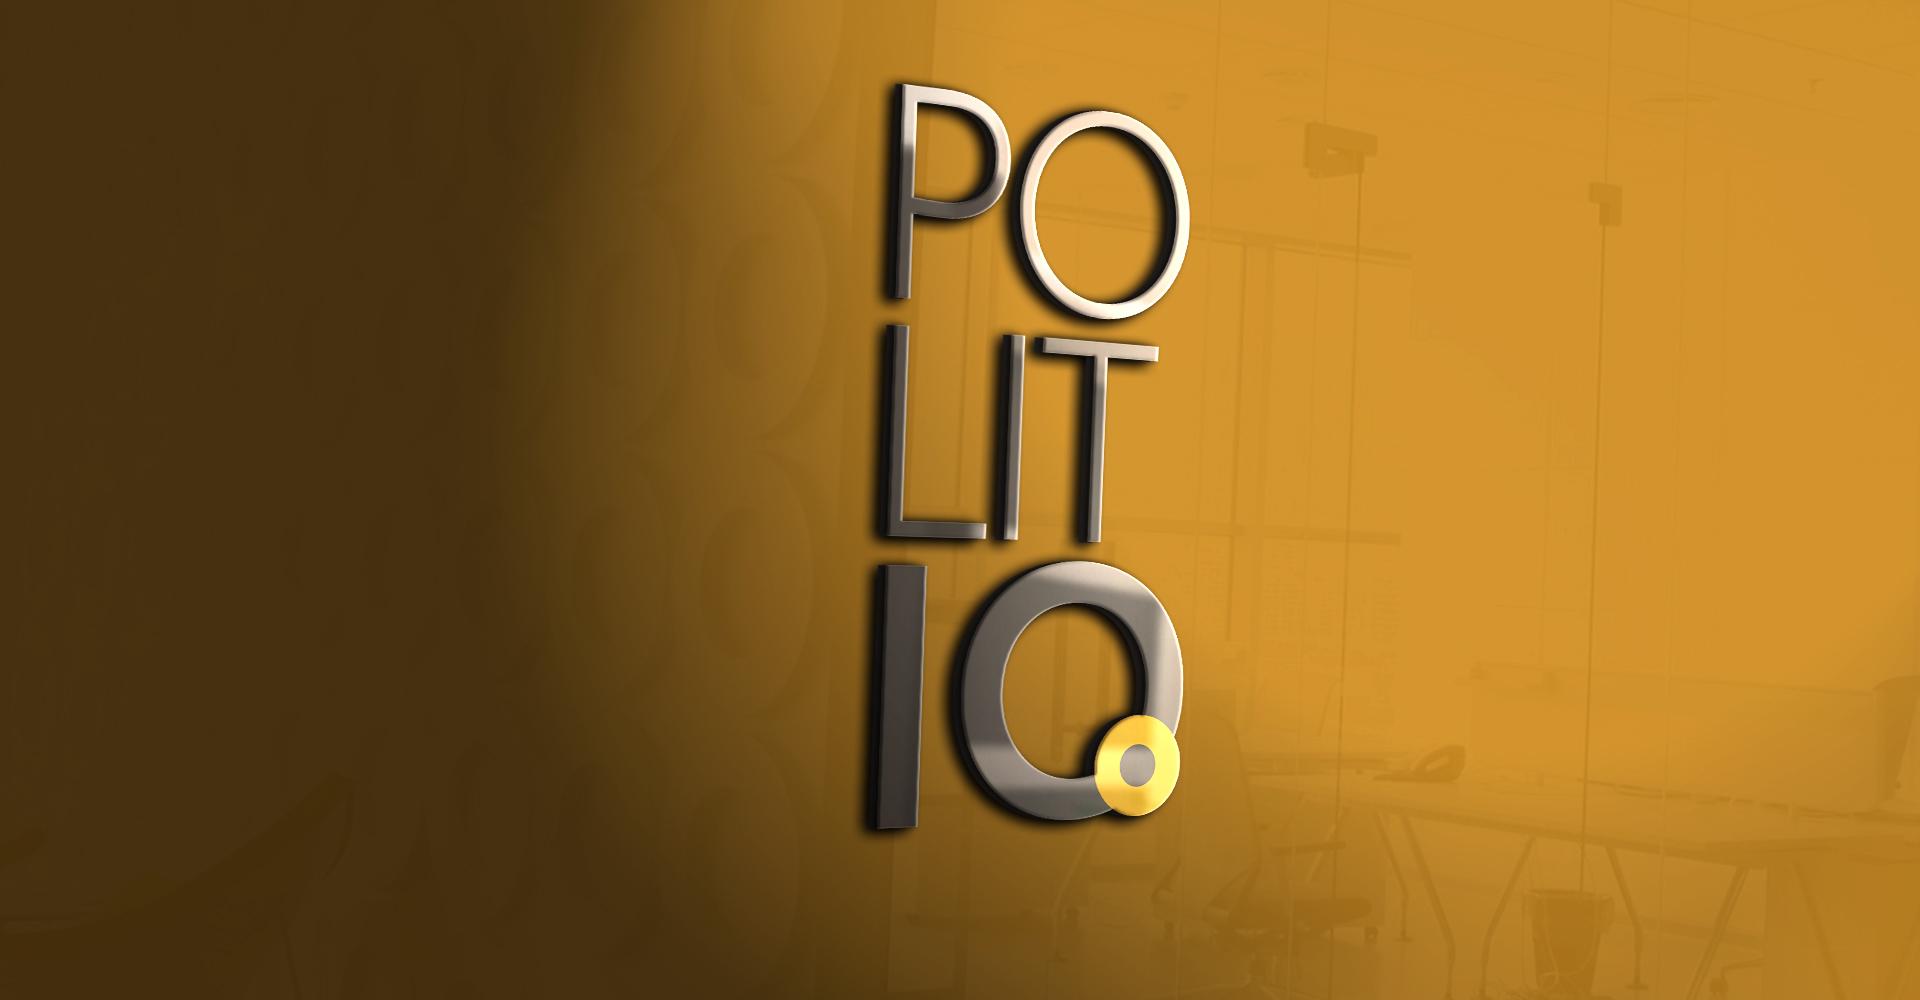 Летние школы по политологии PolitIQ в лучших зарубежных вузах